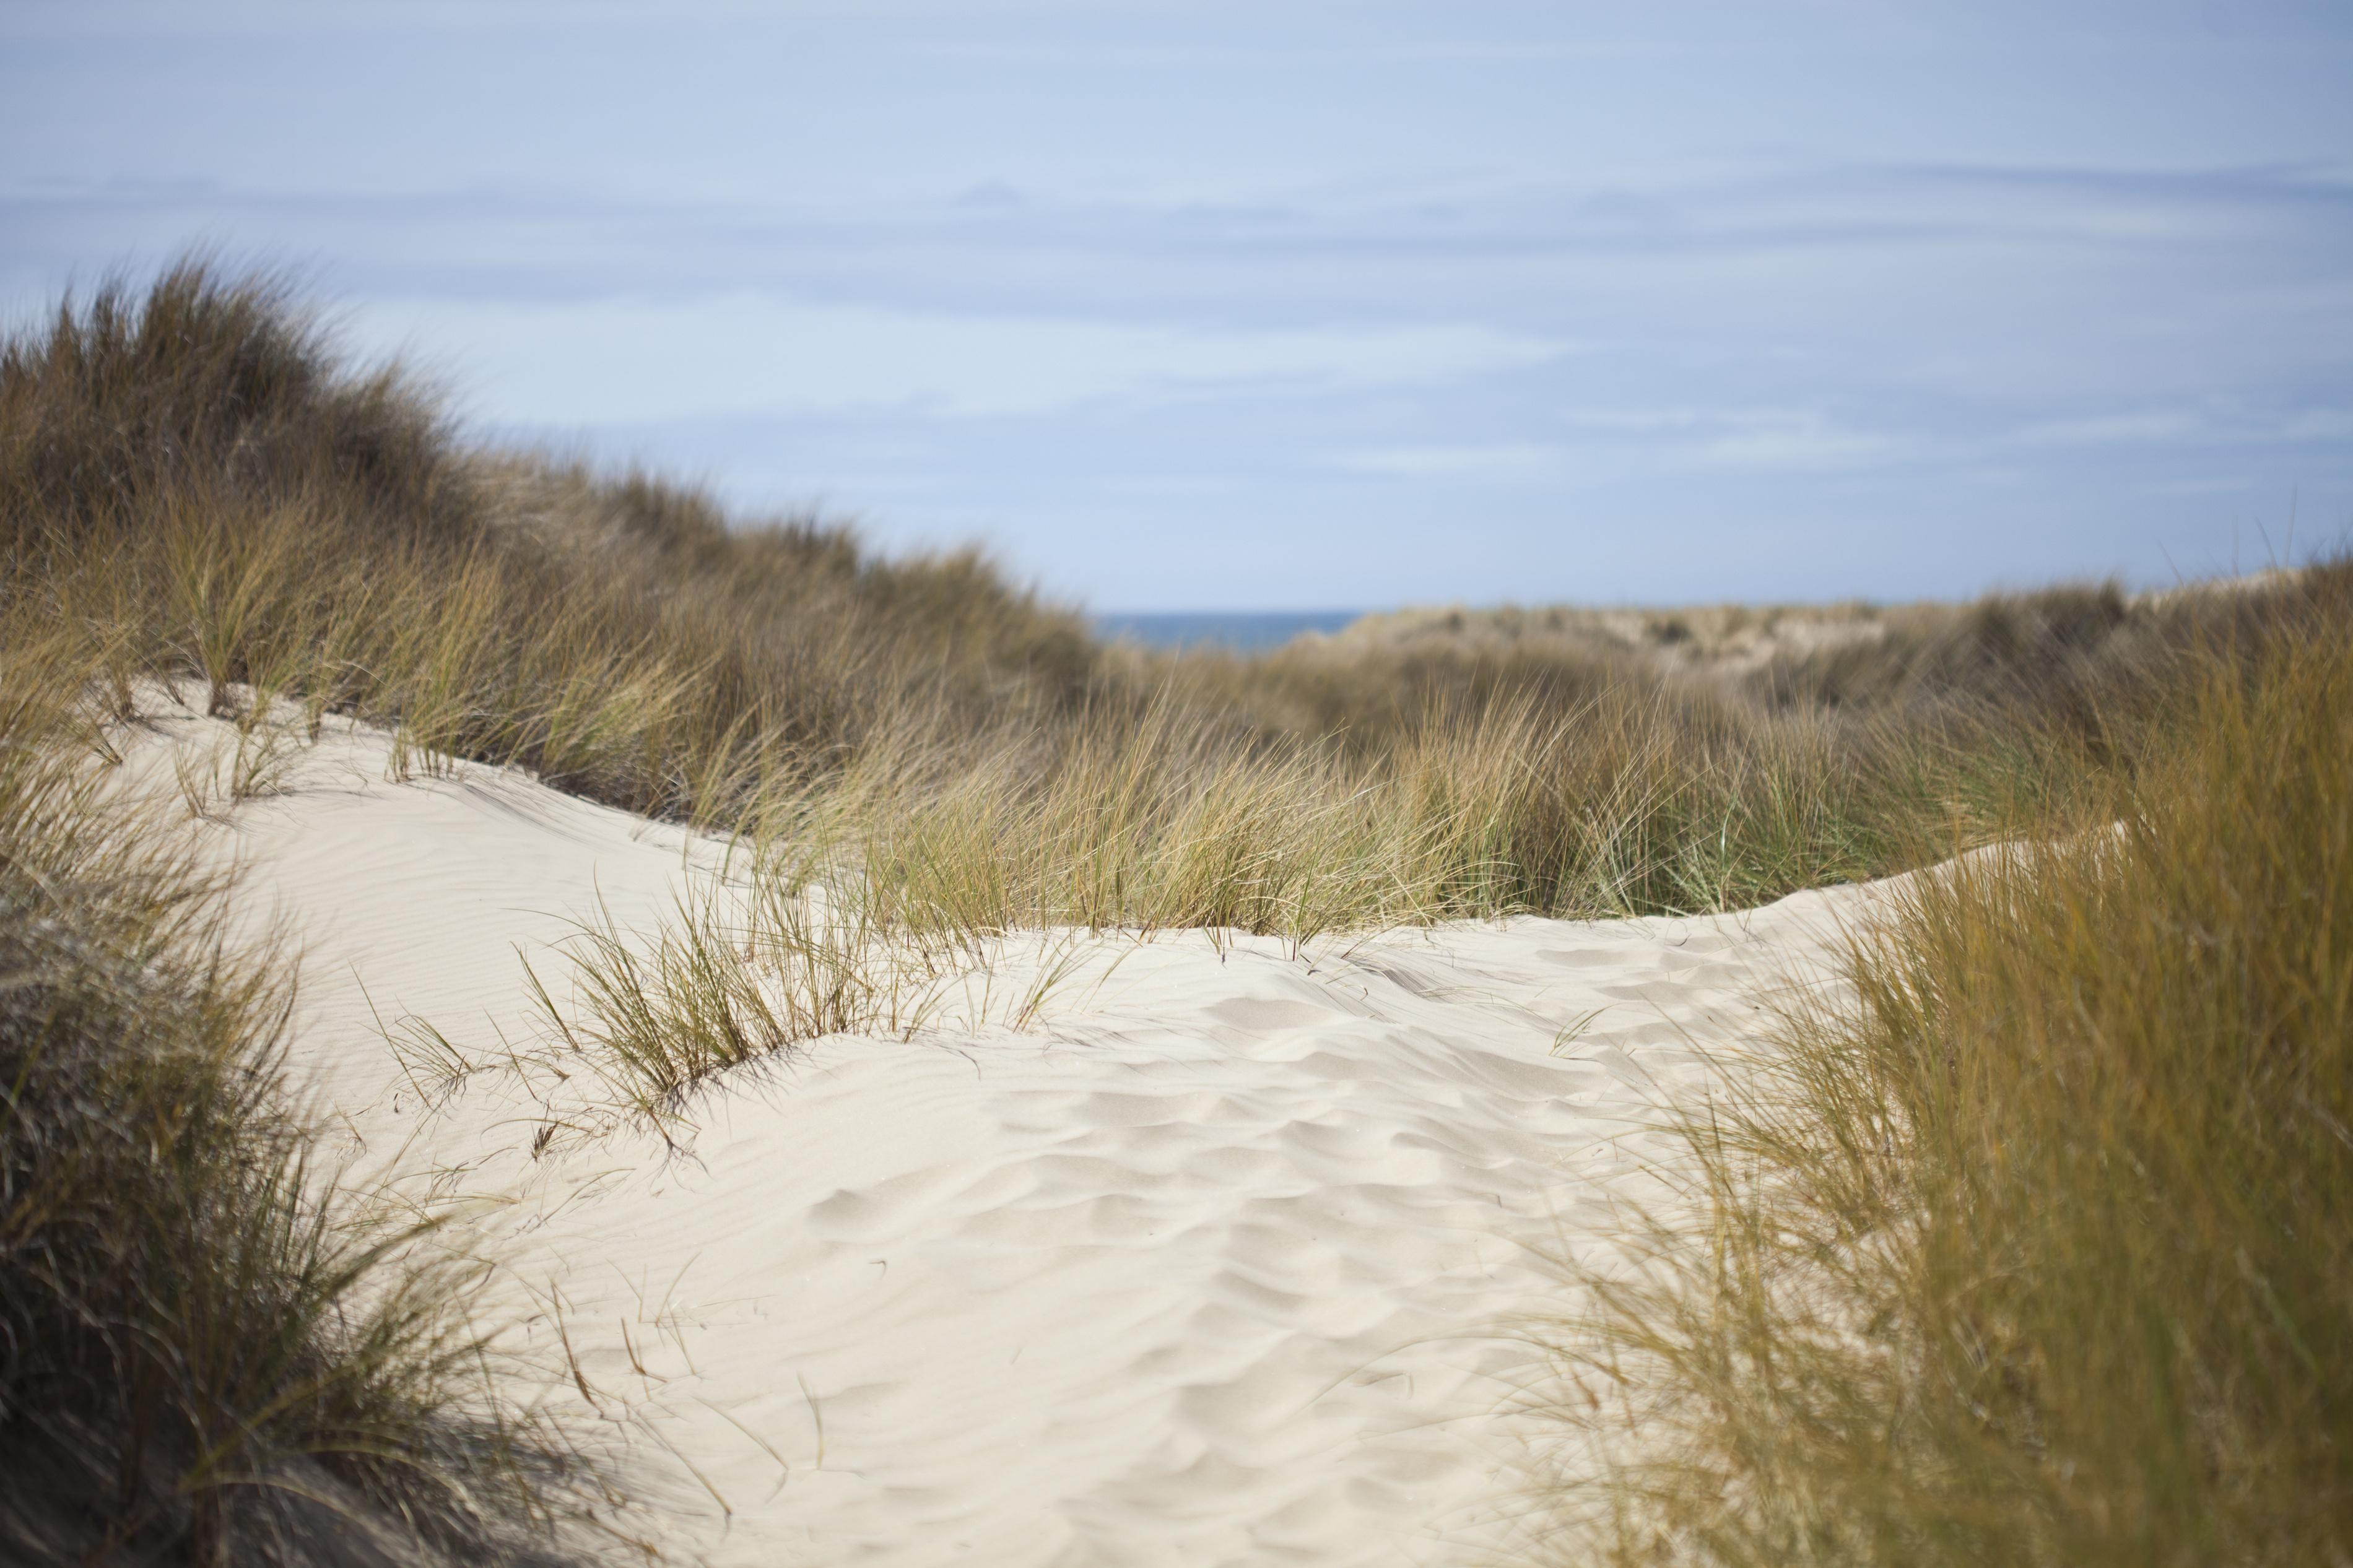 17271 скачать обои Пейзаж, Трава, Море, Песок - заставки и картинки бесплатно